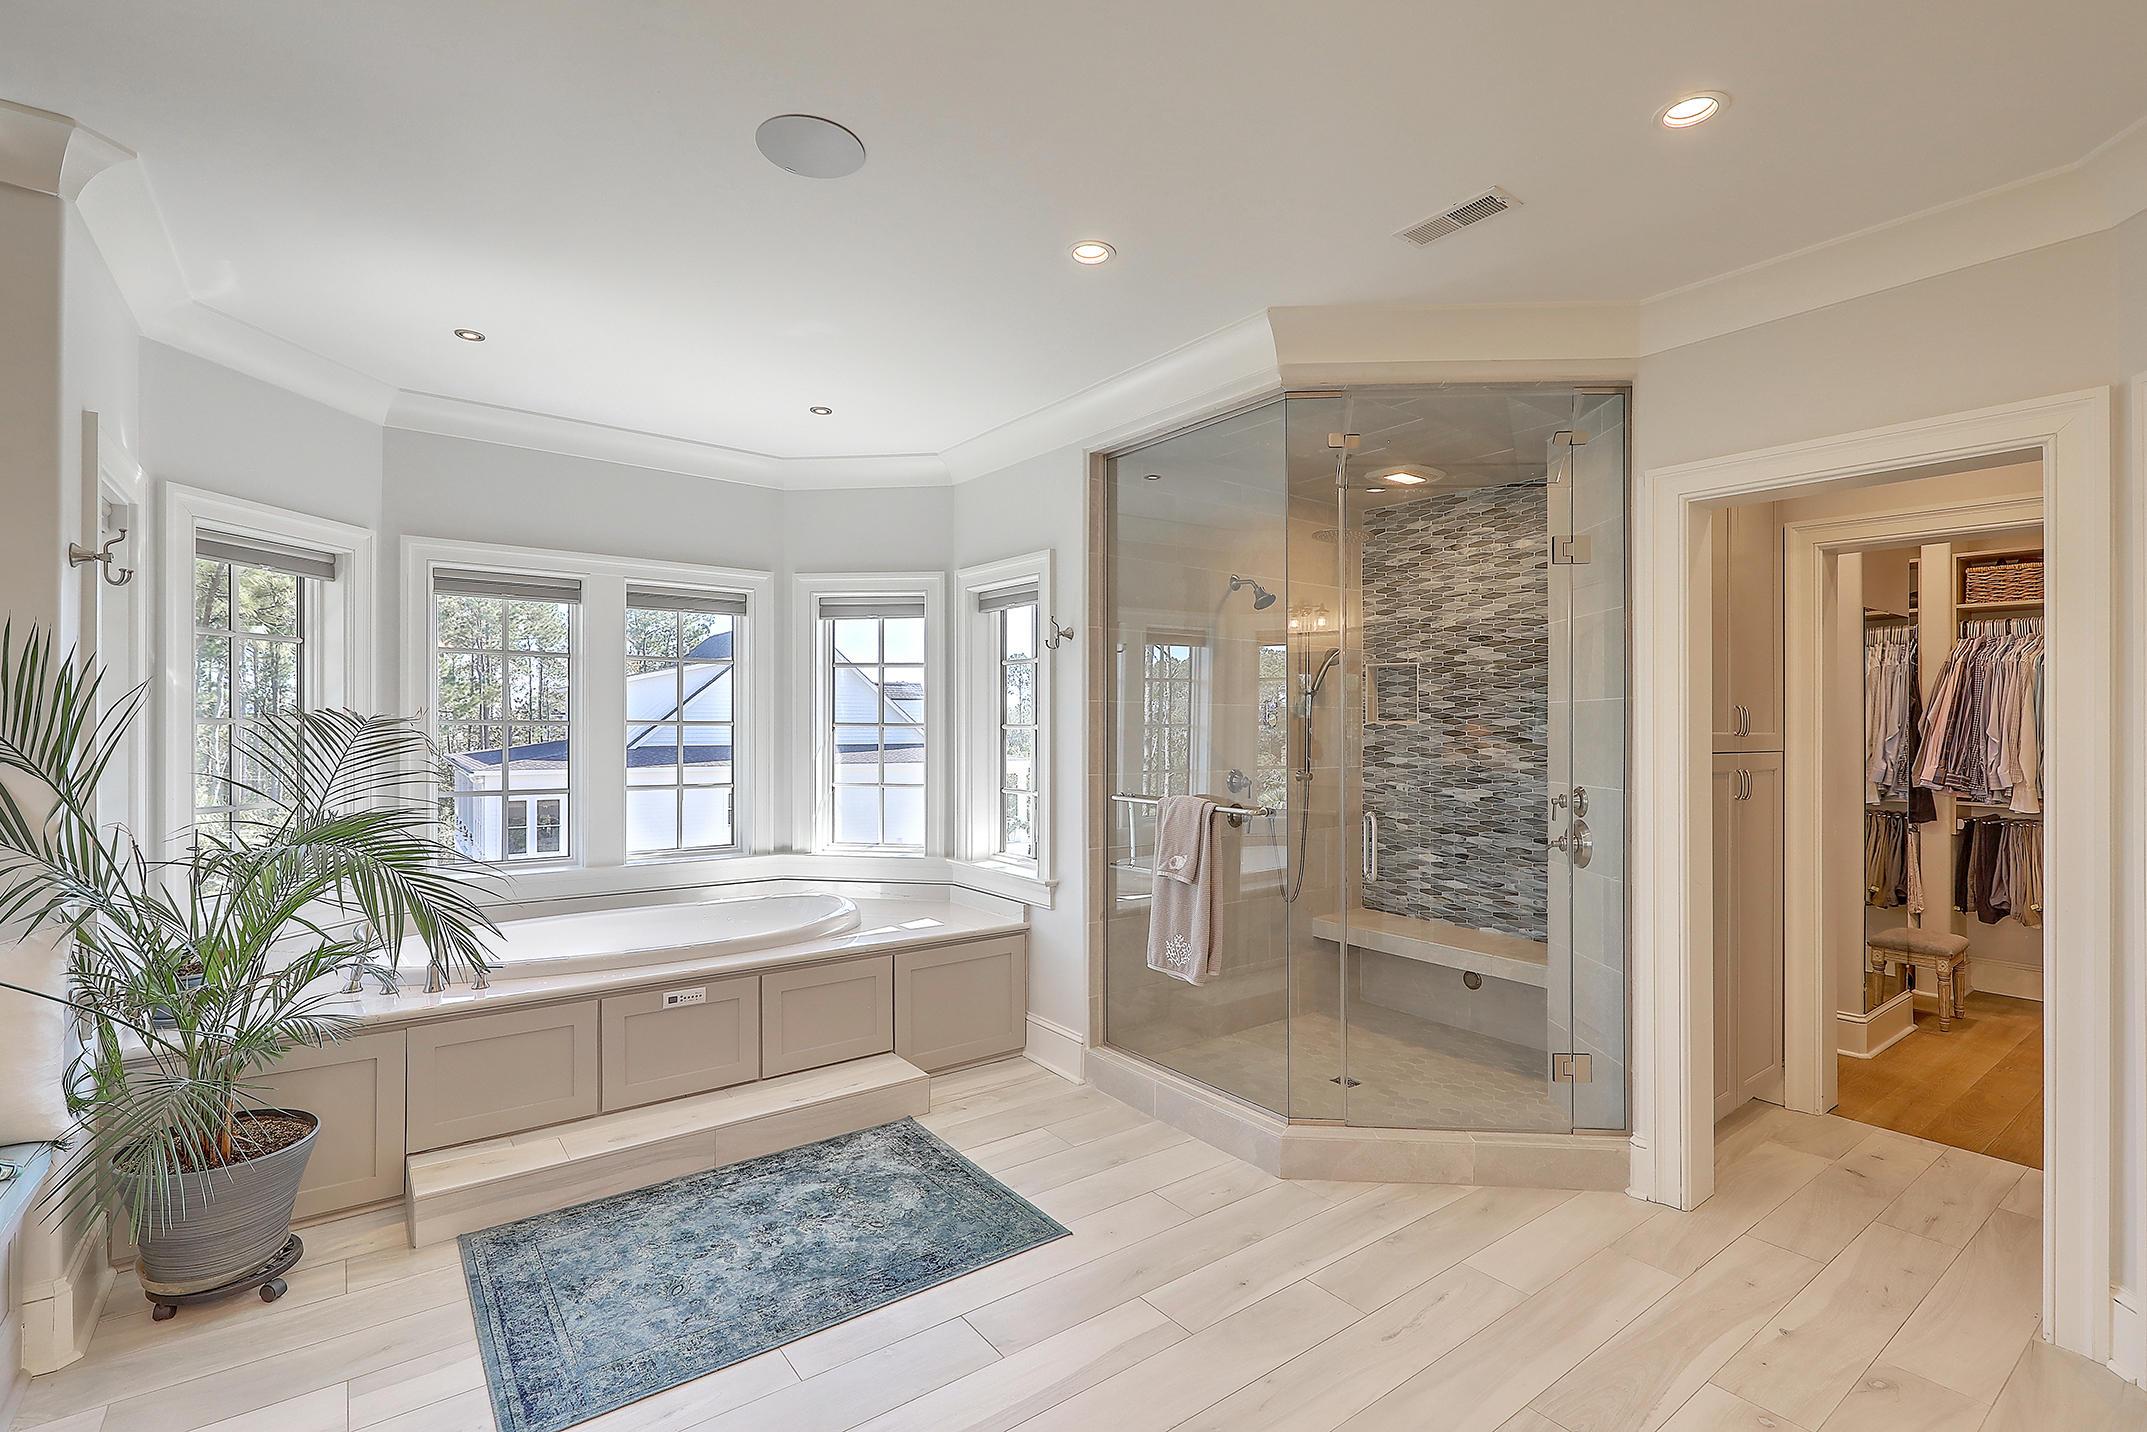 Park West Homes For Sale - 3905 Ashton Shore, Mount Pleasant, SC - 50